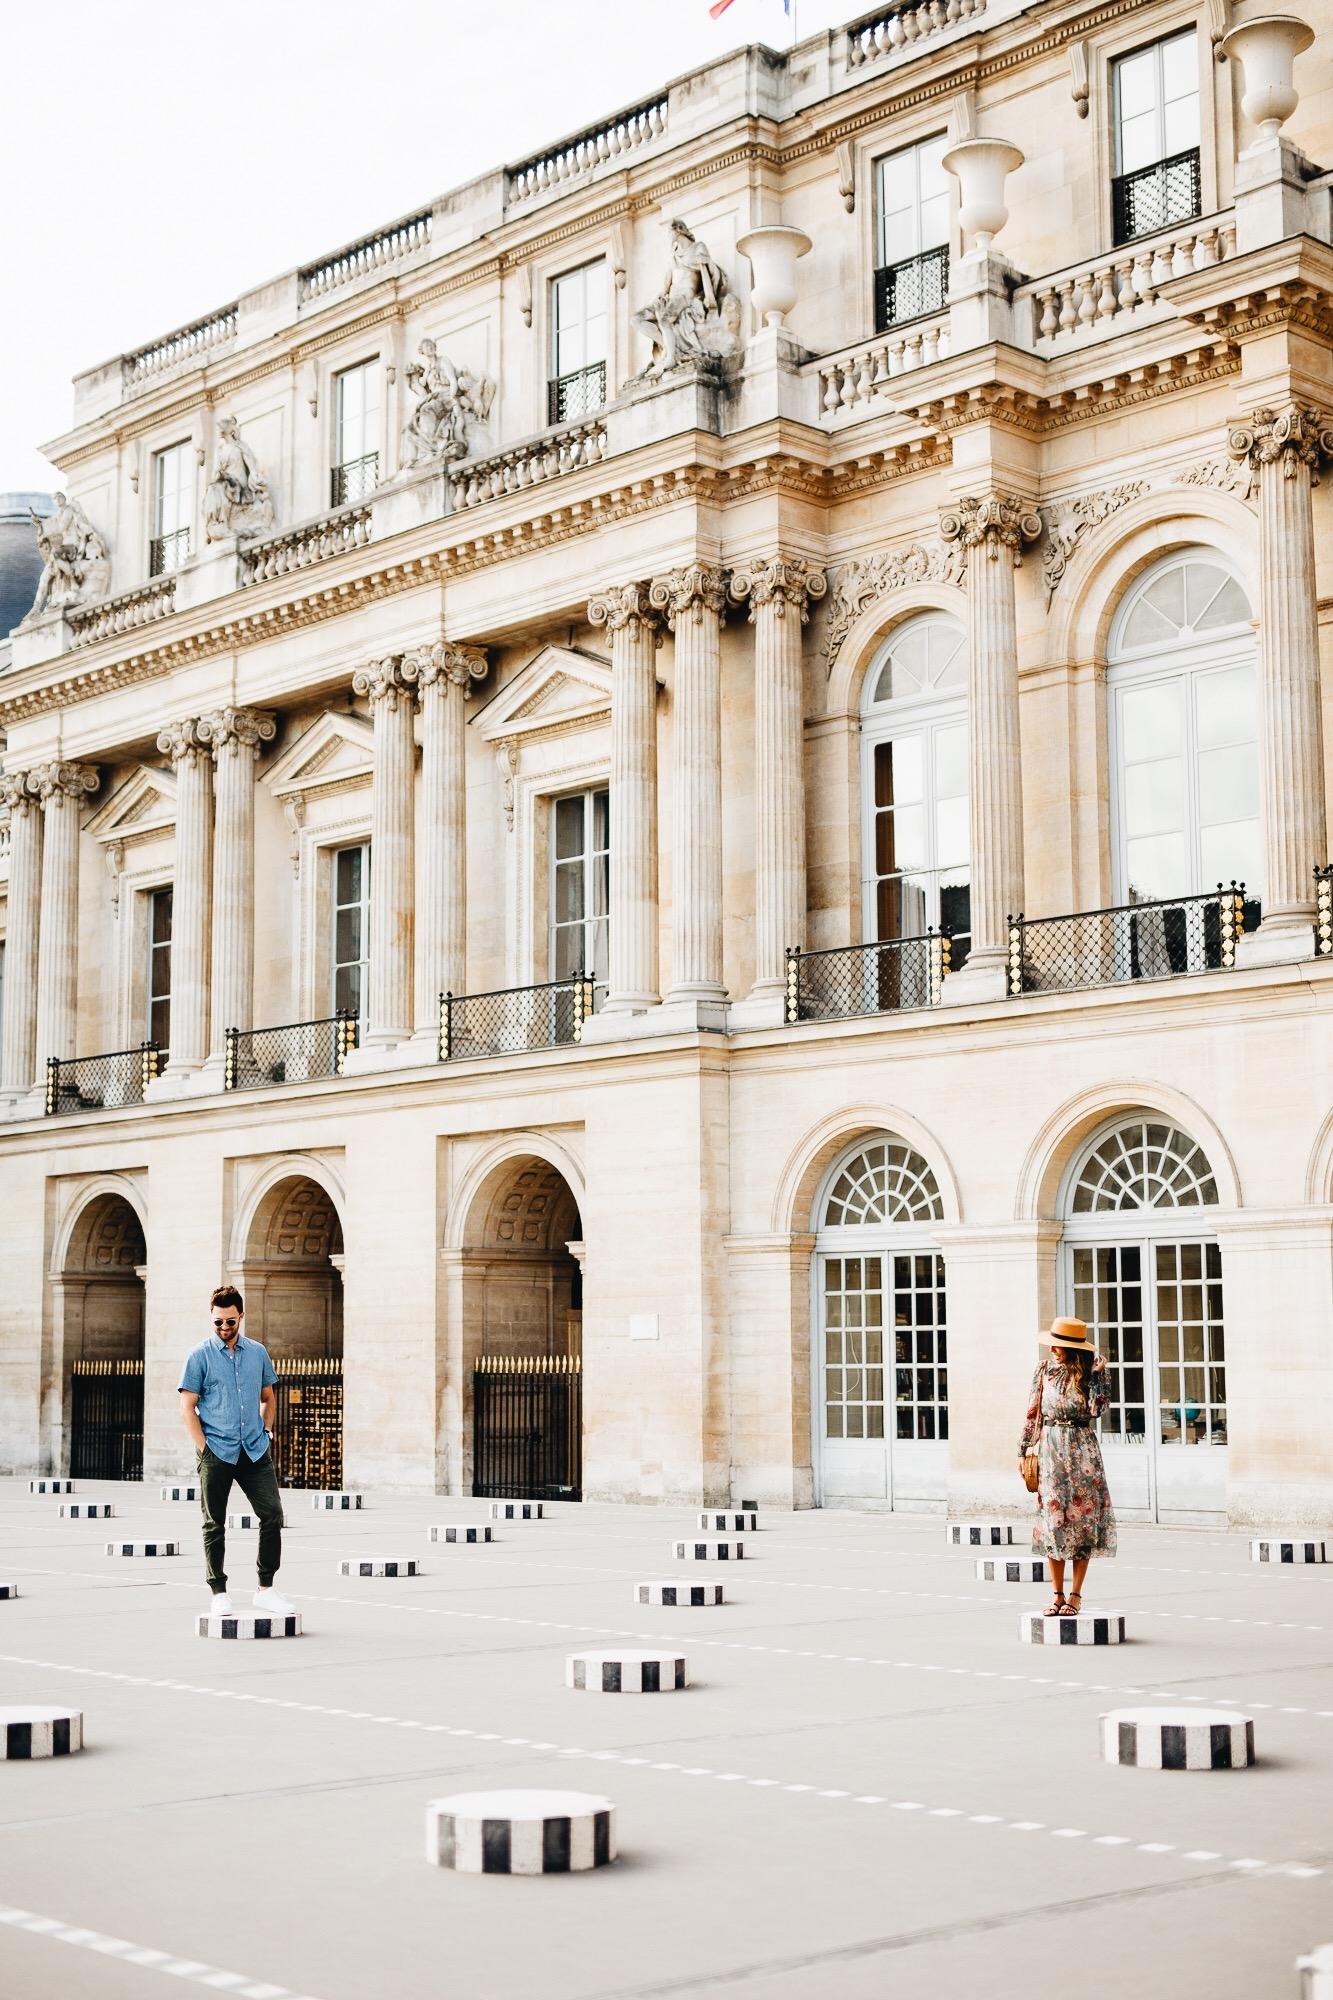 Palais Royale, Paris with Everyday Pursuits